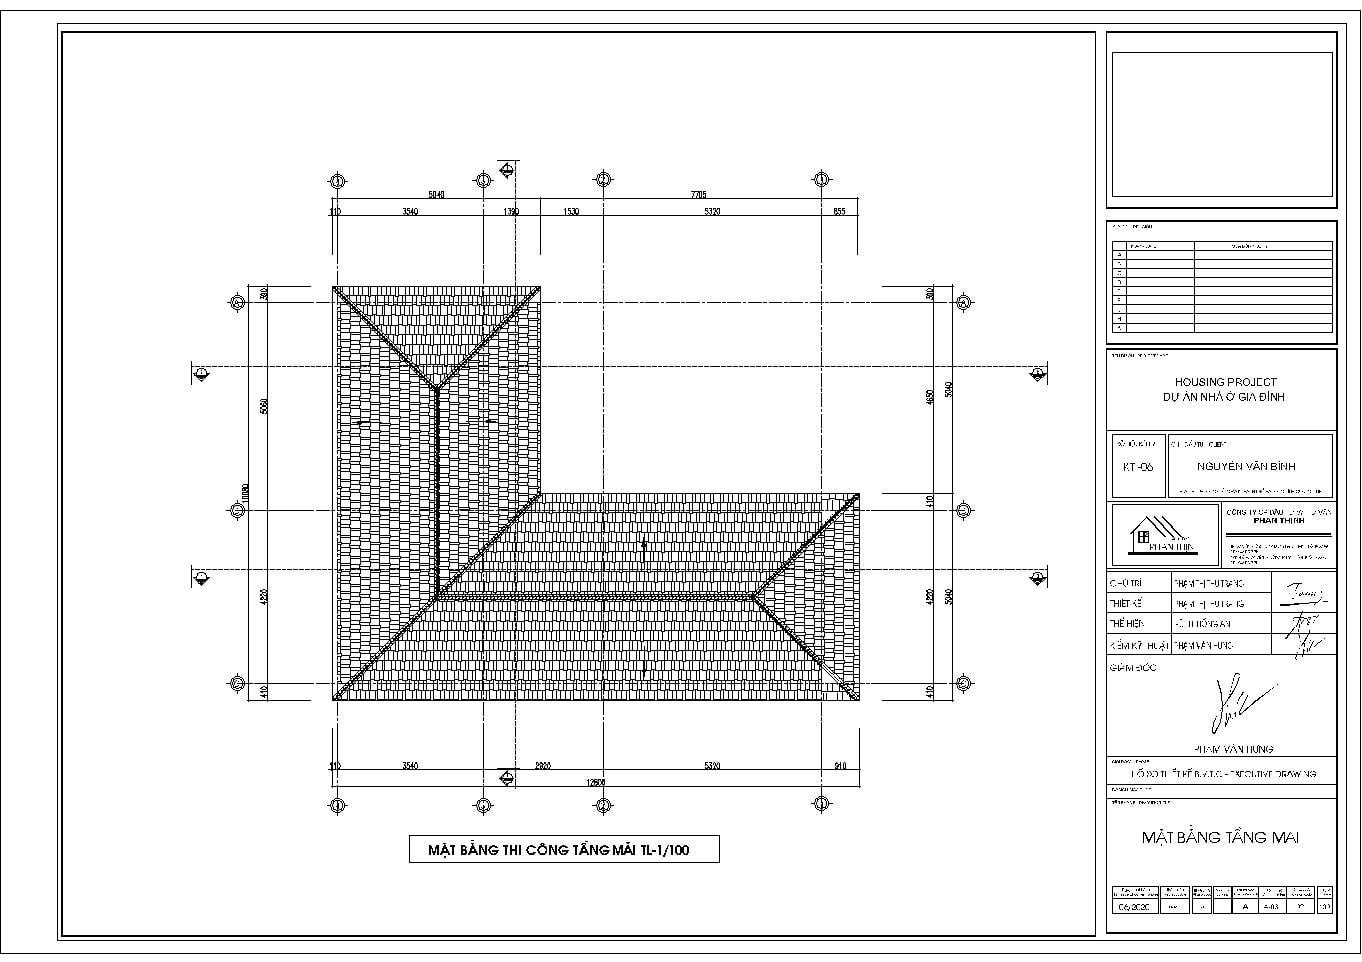 Mặt bằng thiết kế tầng mái